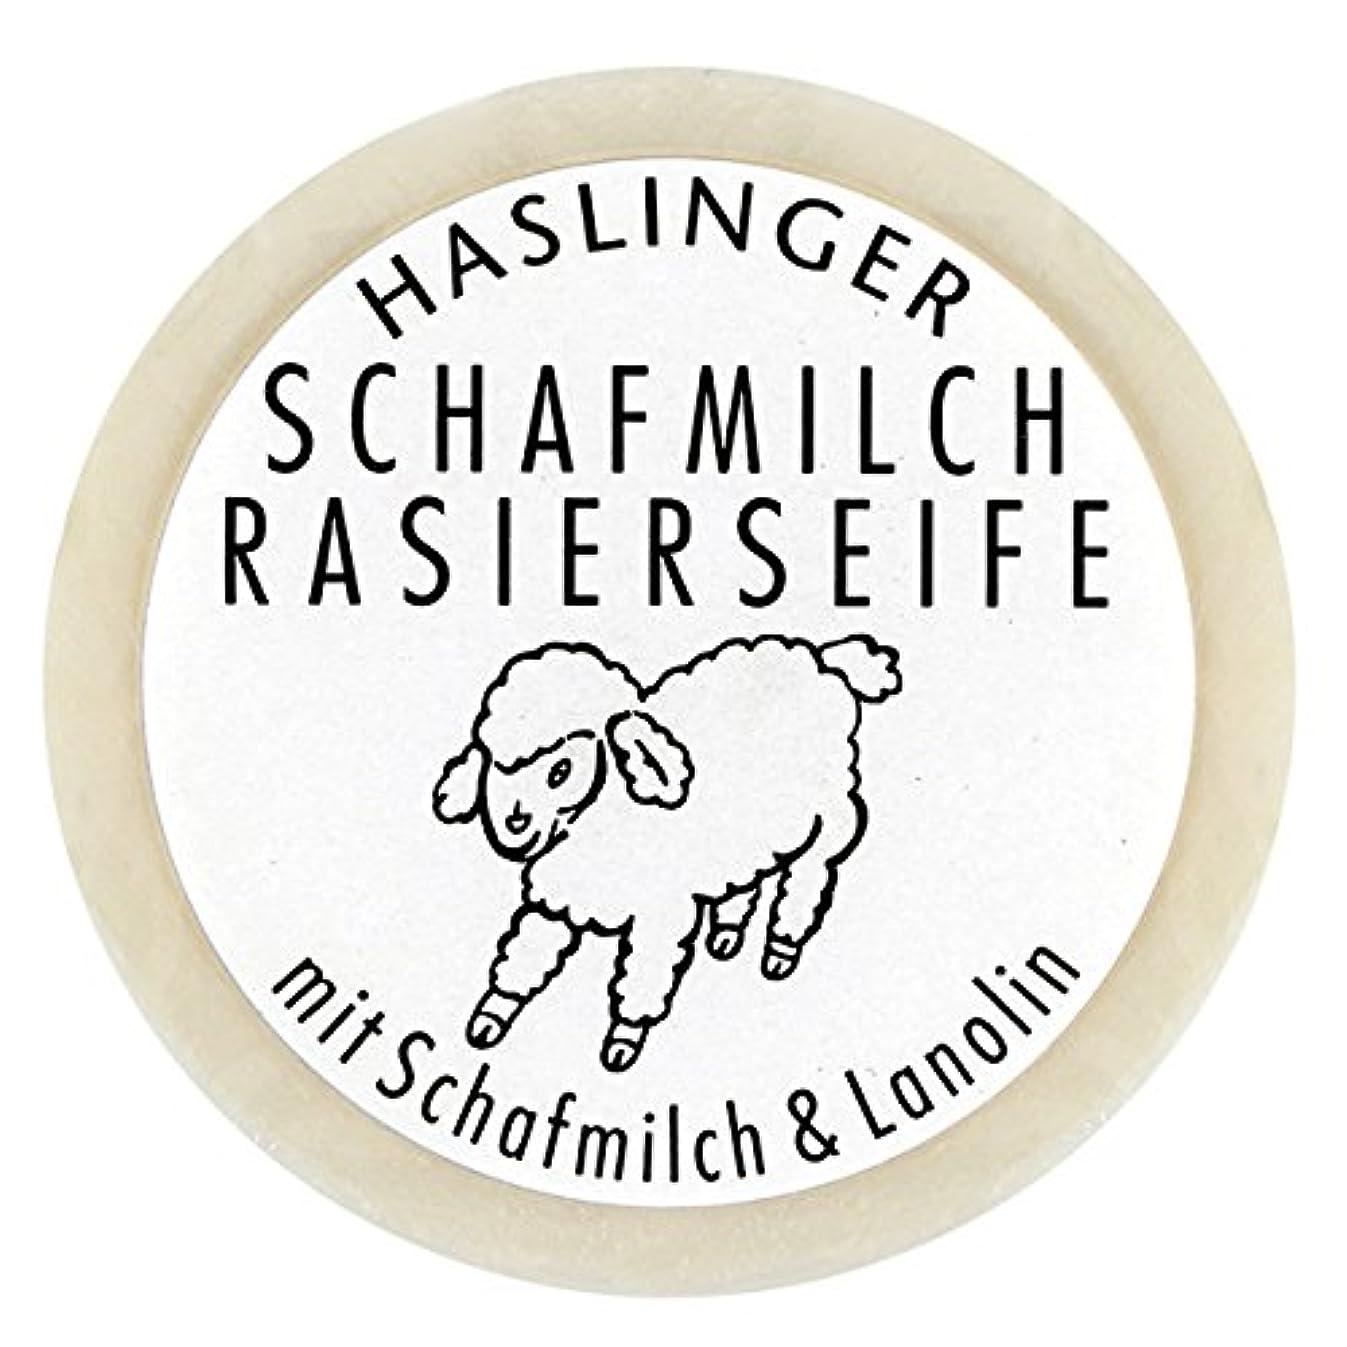 ミネラルライター顧問Schafmilch Rasierseife (Ewe`s Milk Shave Soap) 60g soap bar by Haslinger by Haslinger